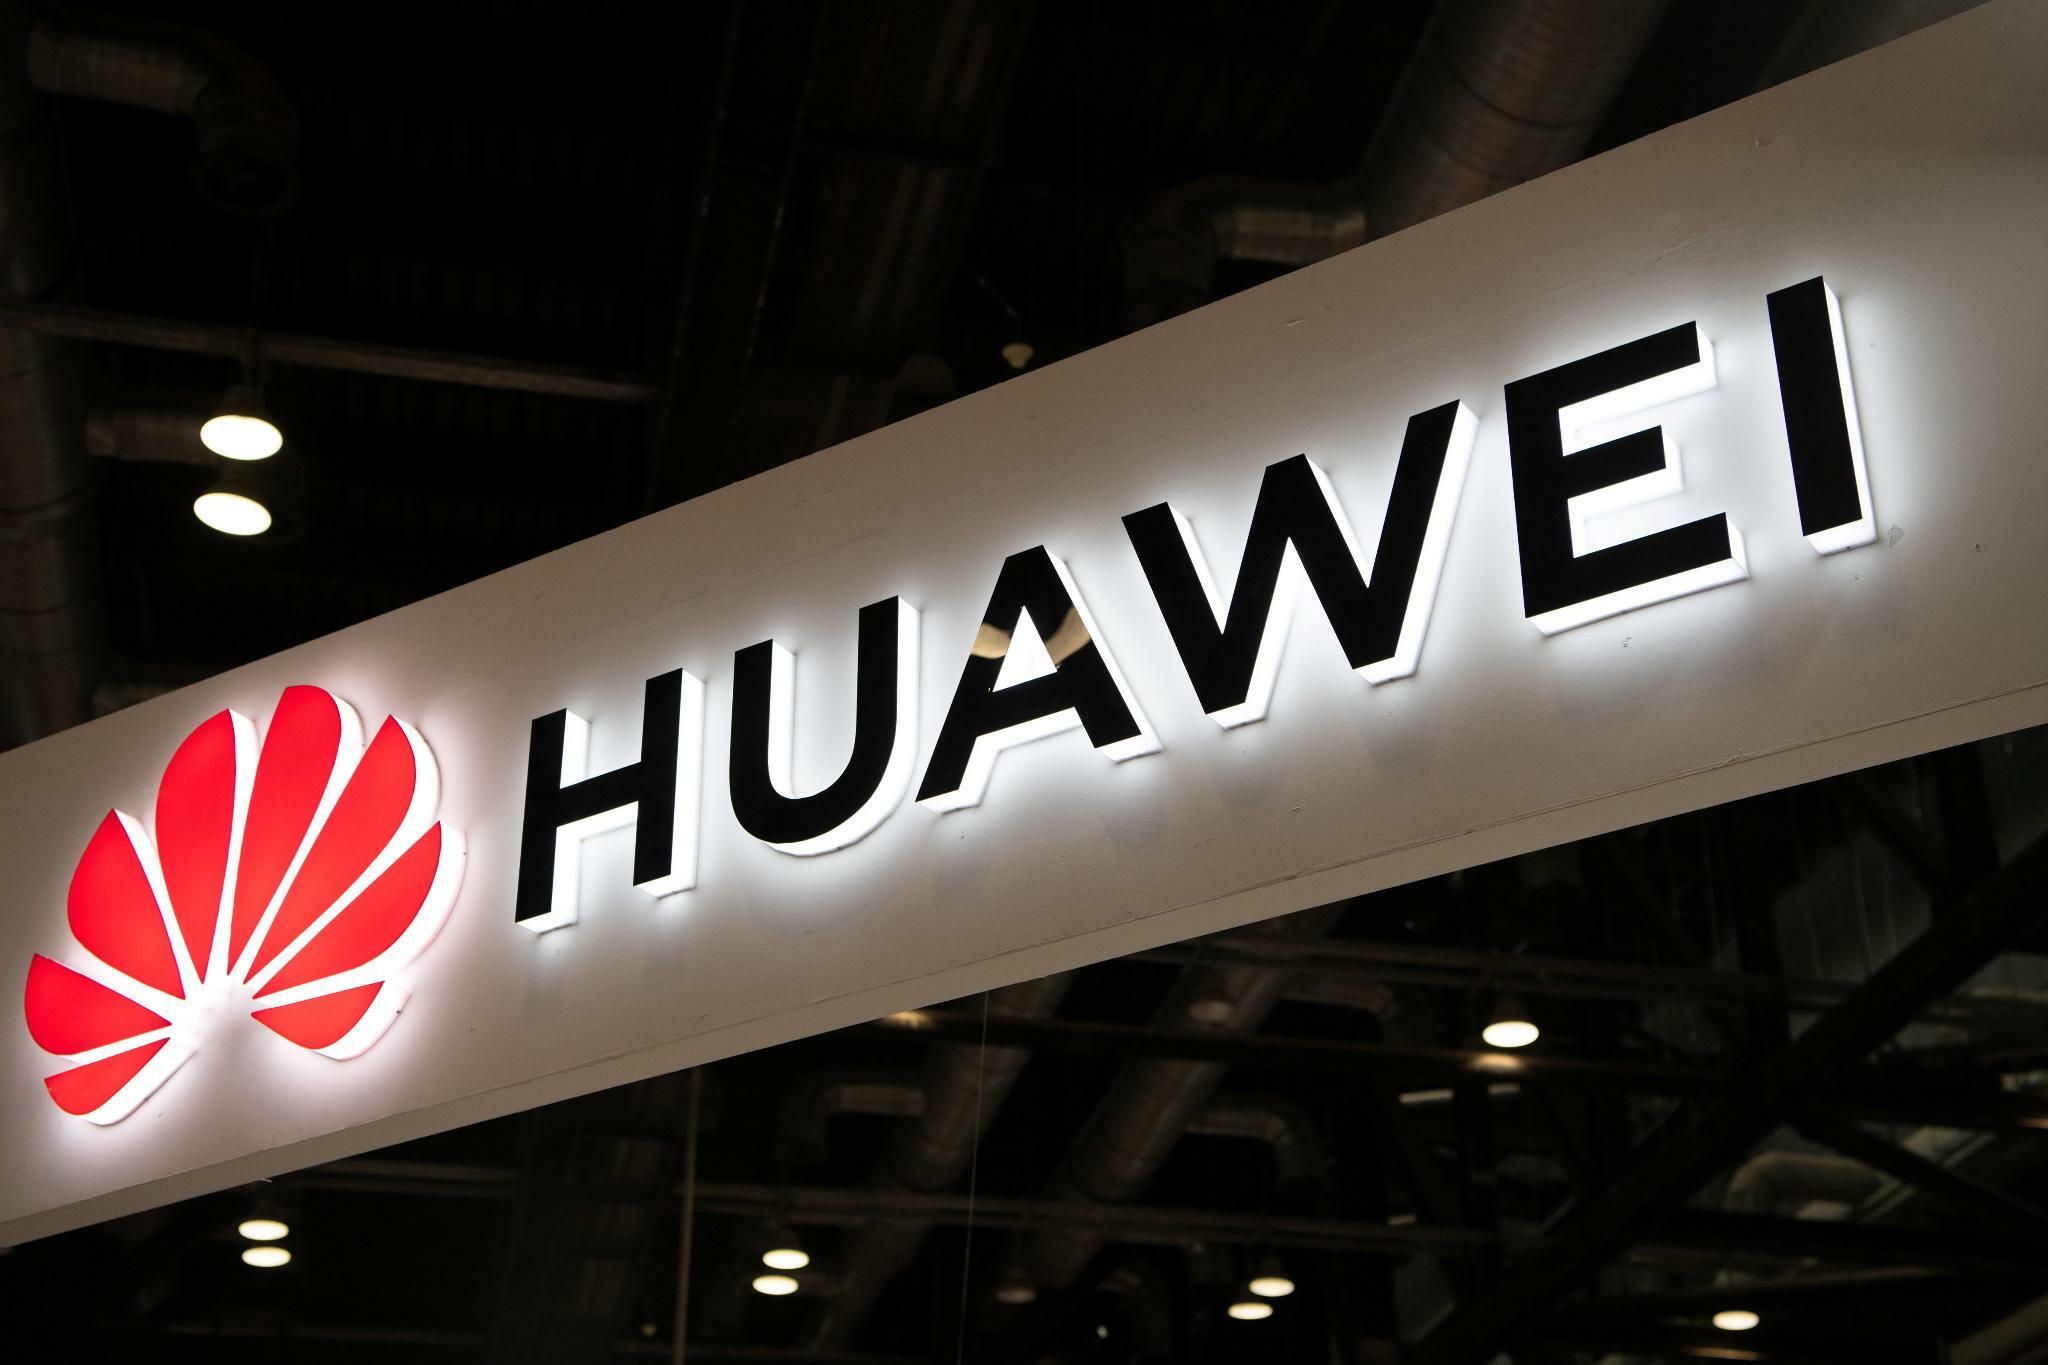 Neuer Chipsatz: Huawei will Unabhängigkeit demonstrieren